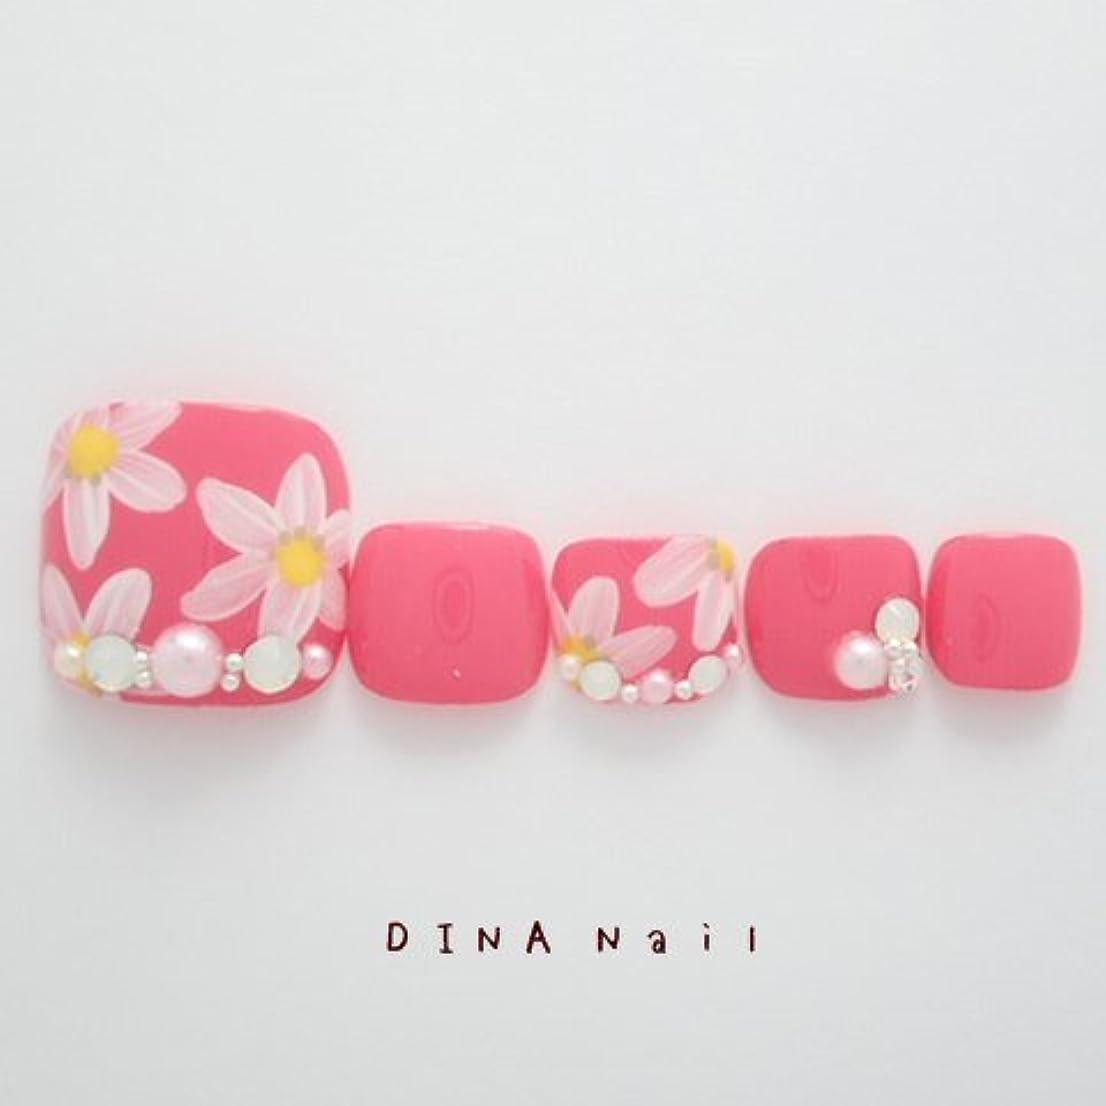 オーケストラきゅうり好きであるDINAネイル チェリーピンクベース花柄 ぺディキュアS(25678番) ネイルチップ